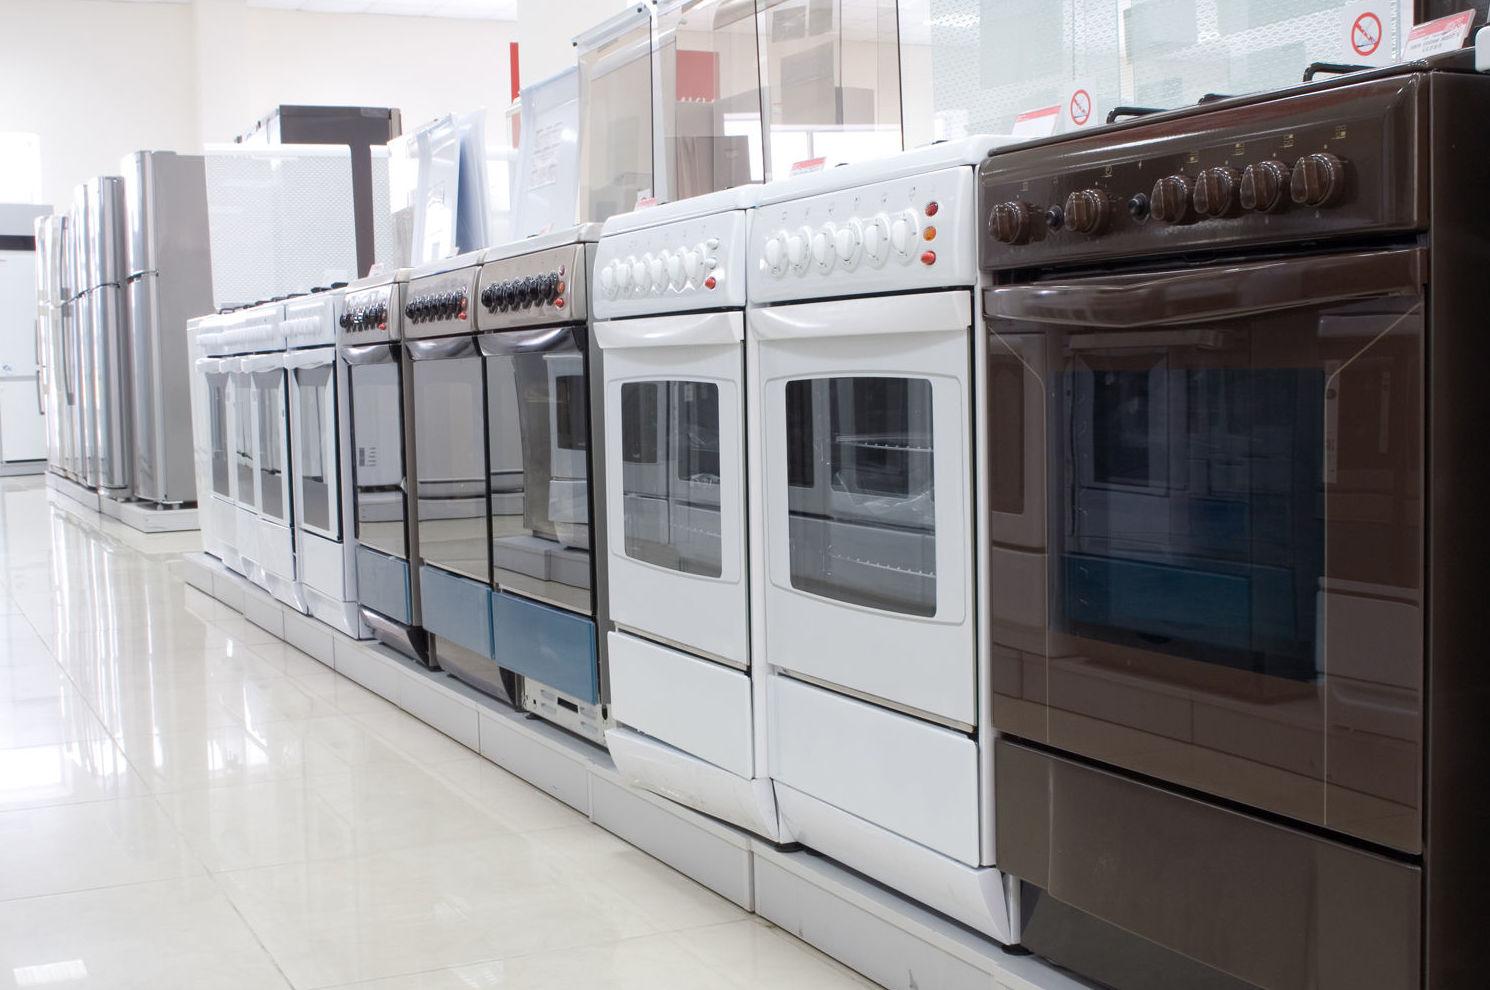 Venta de electrodomésticos en Sevilla